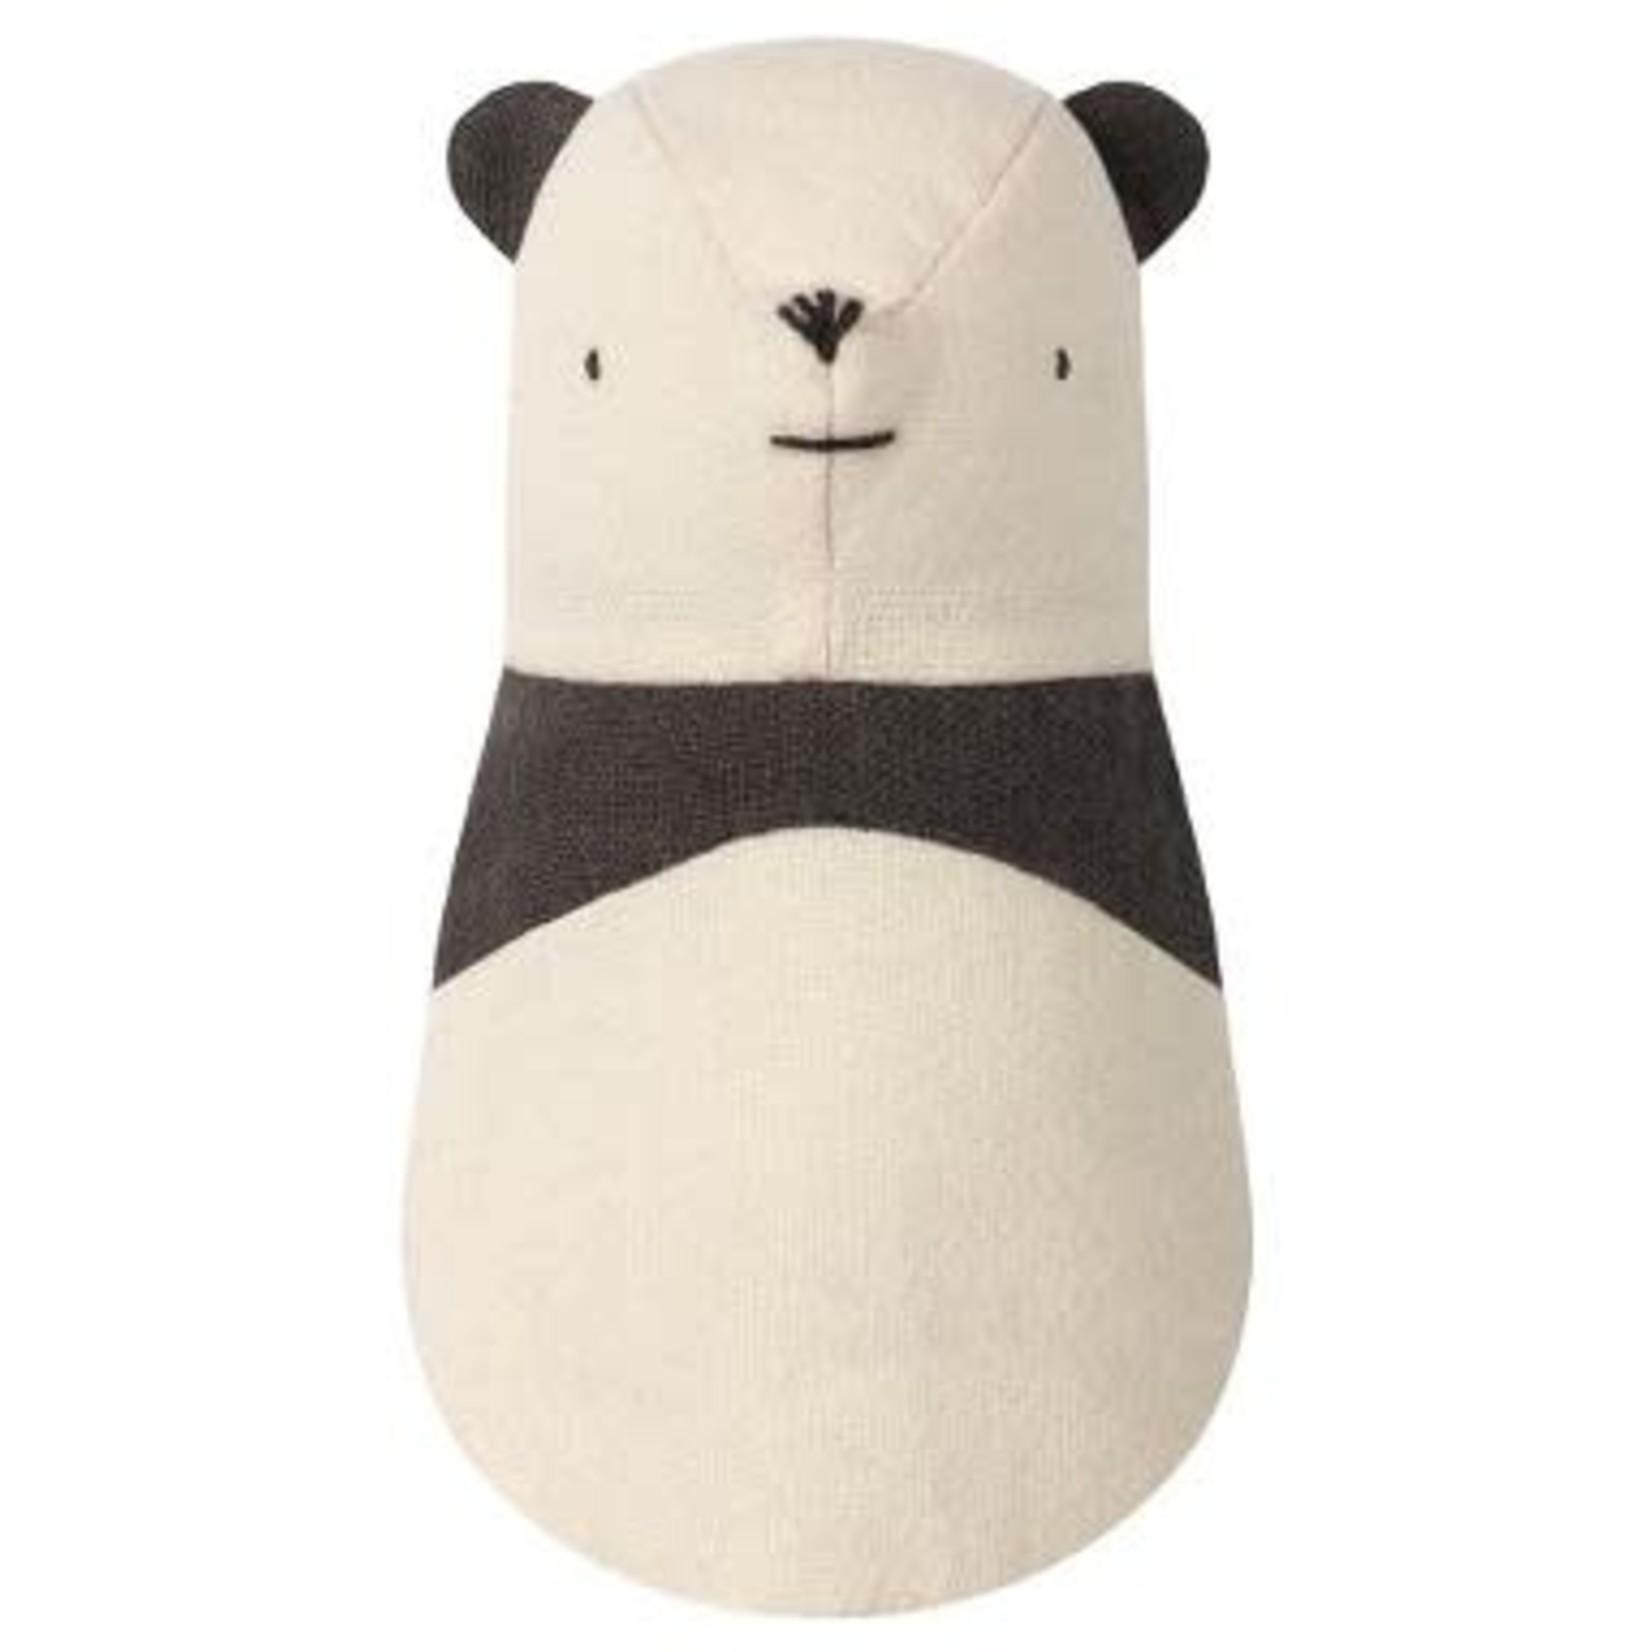 MAILEG Maileg Noahs Friends Panda Rattle